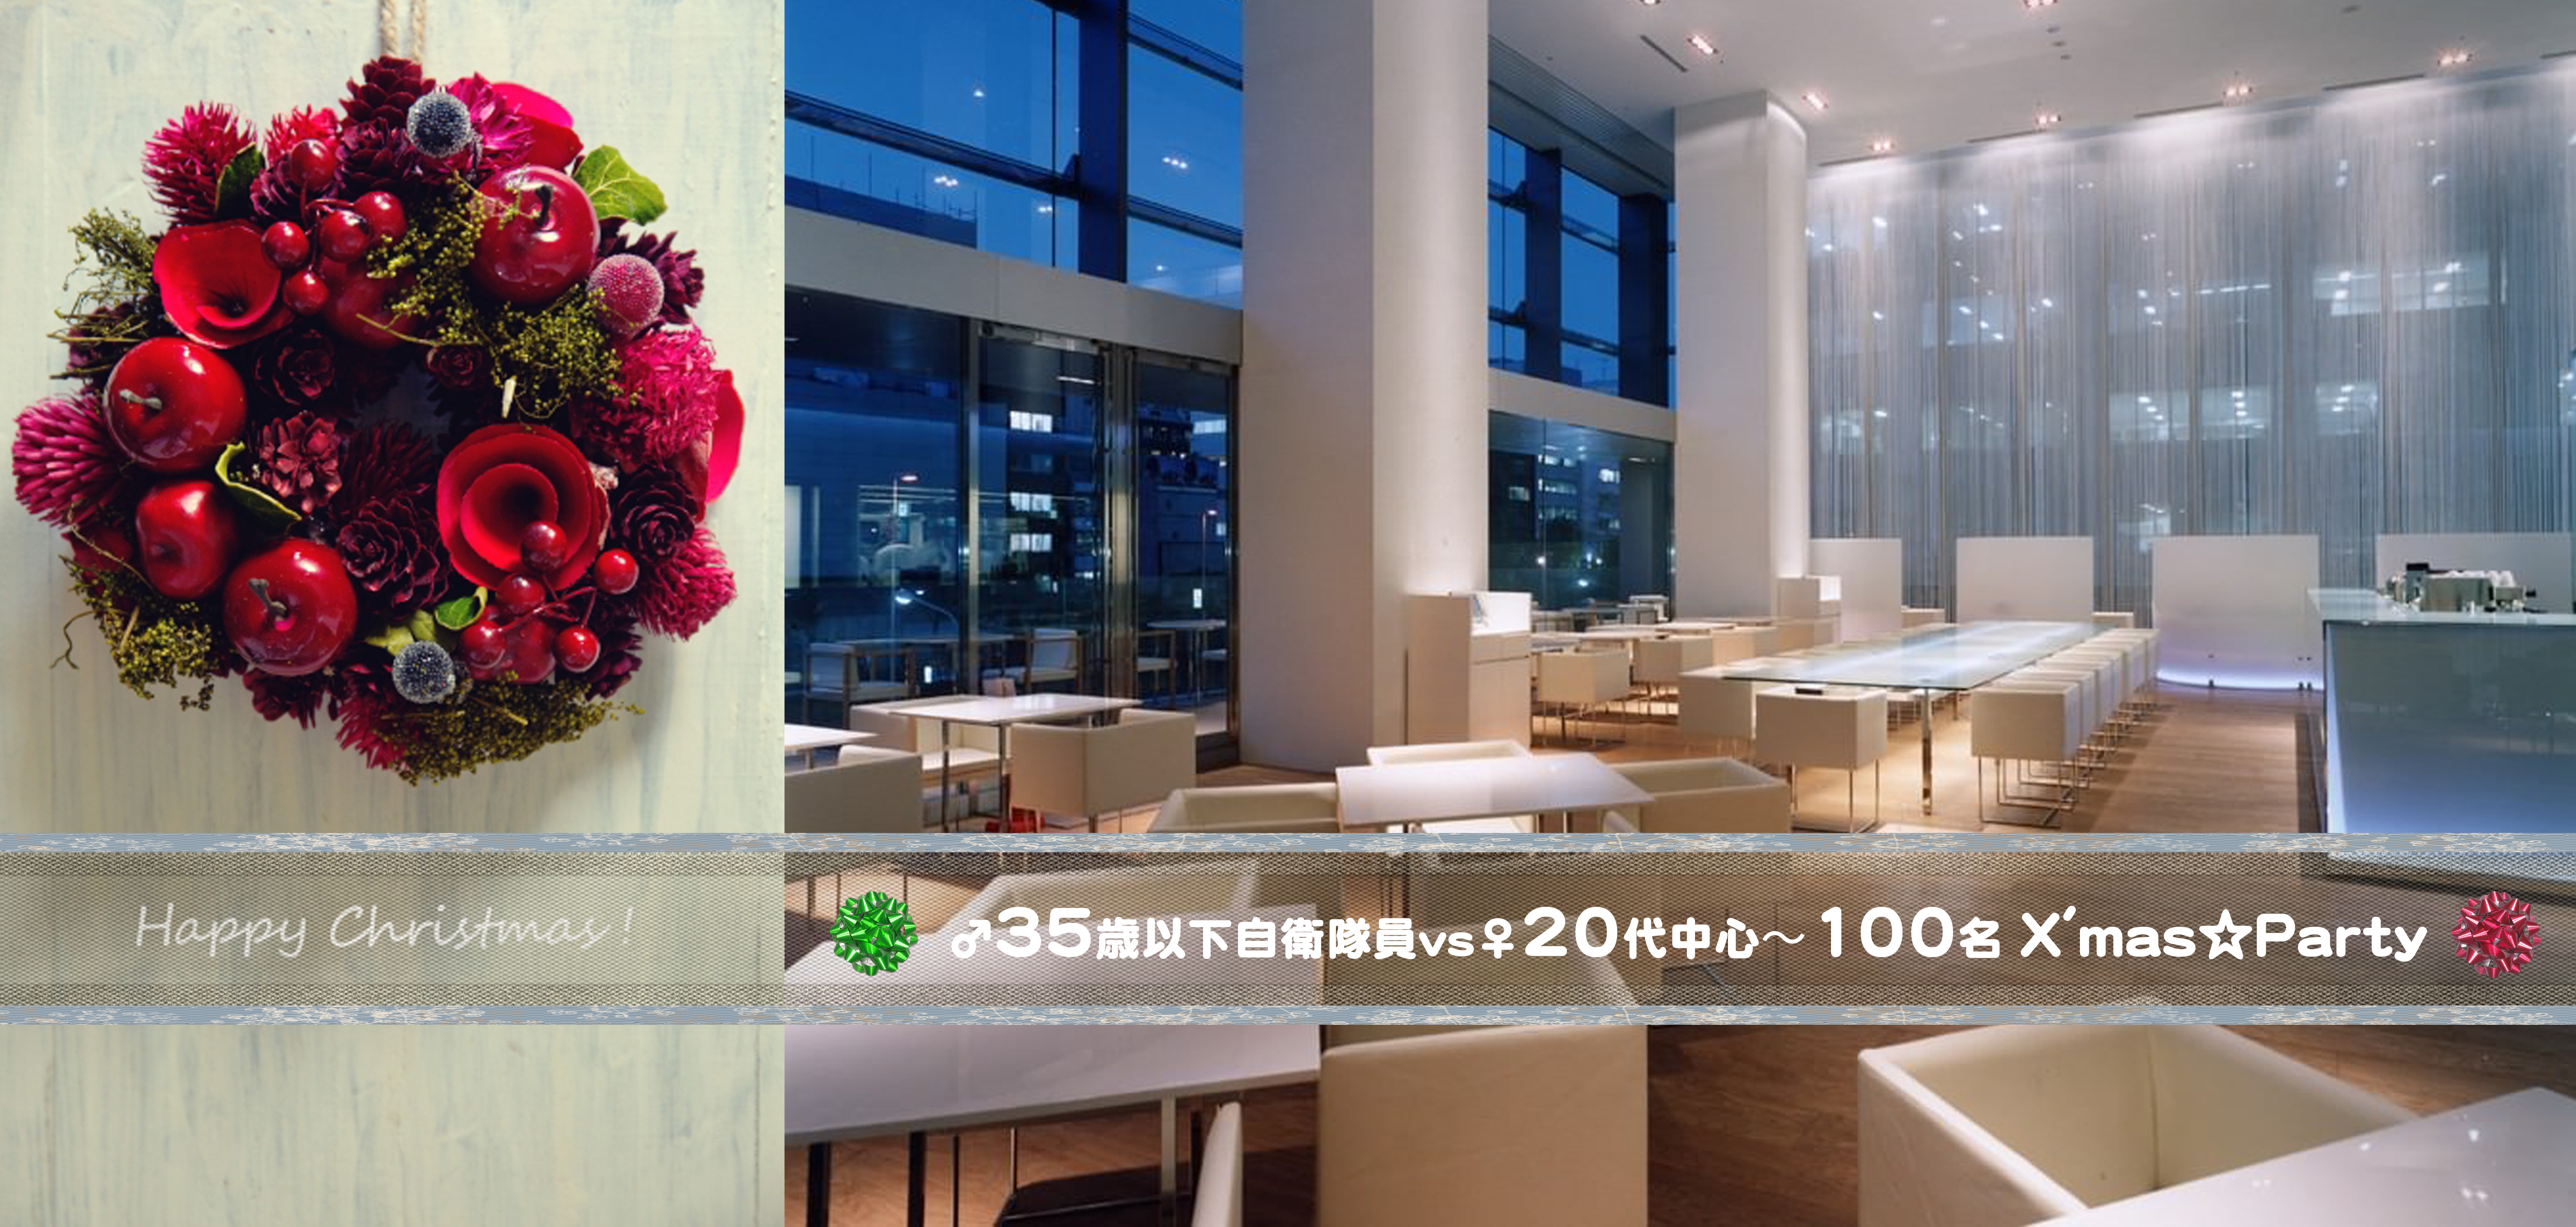 *デザイナーズレストラン『Cafe Serre』の写真